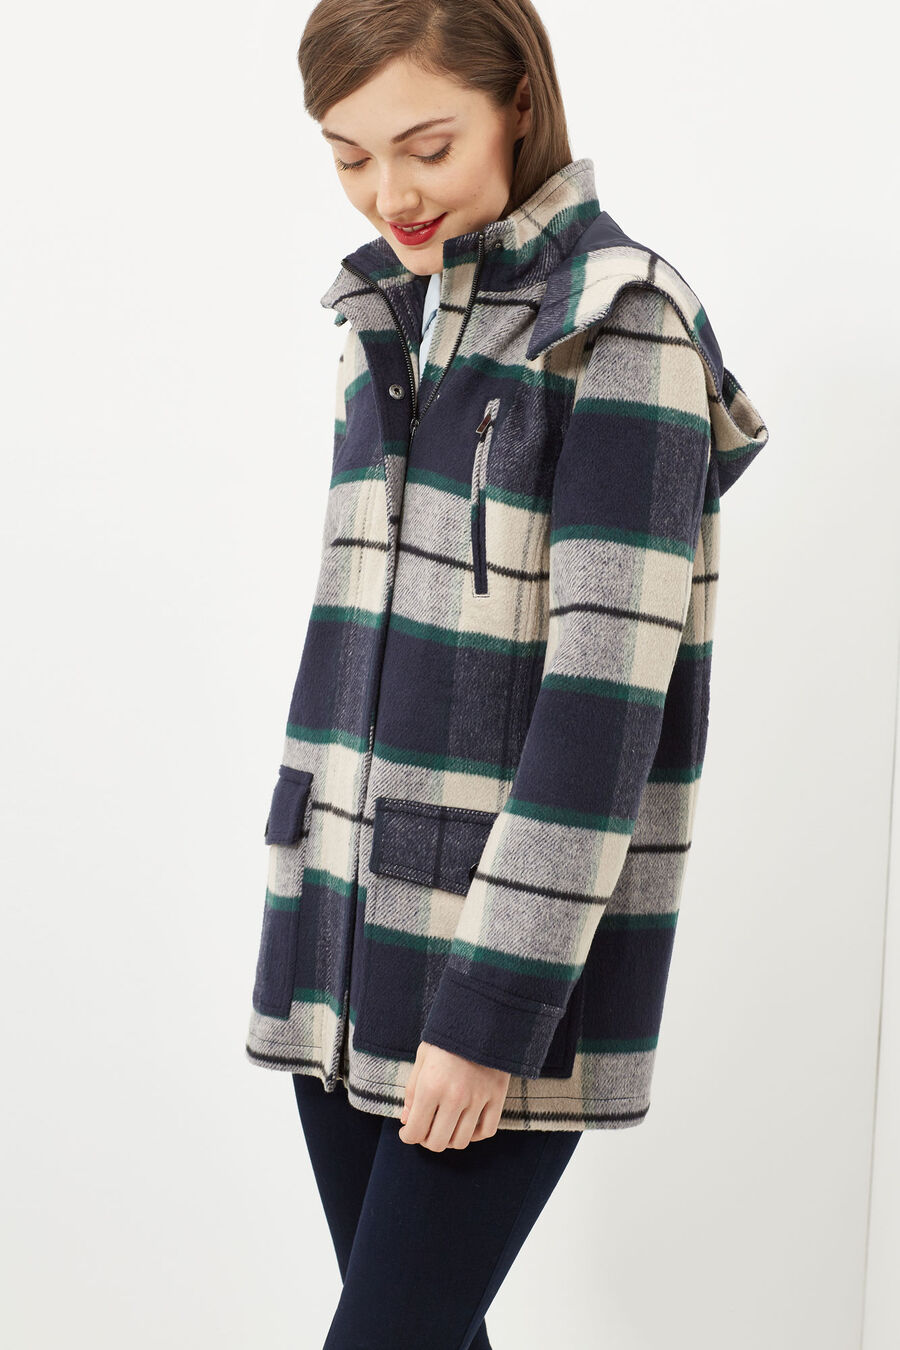 Jacquard duffle coat